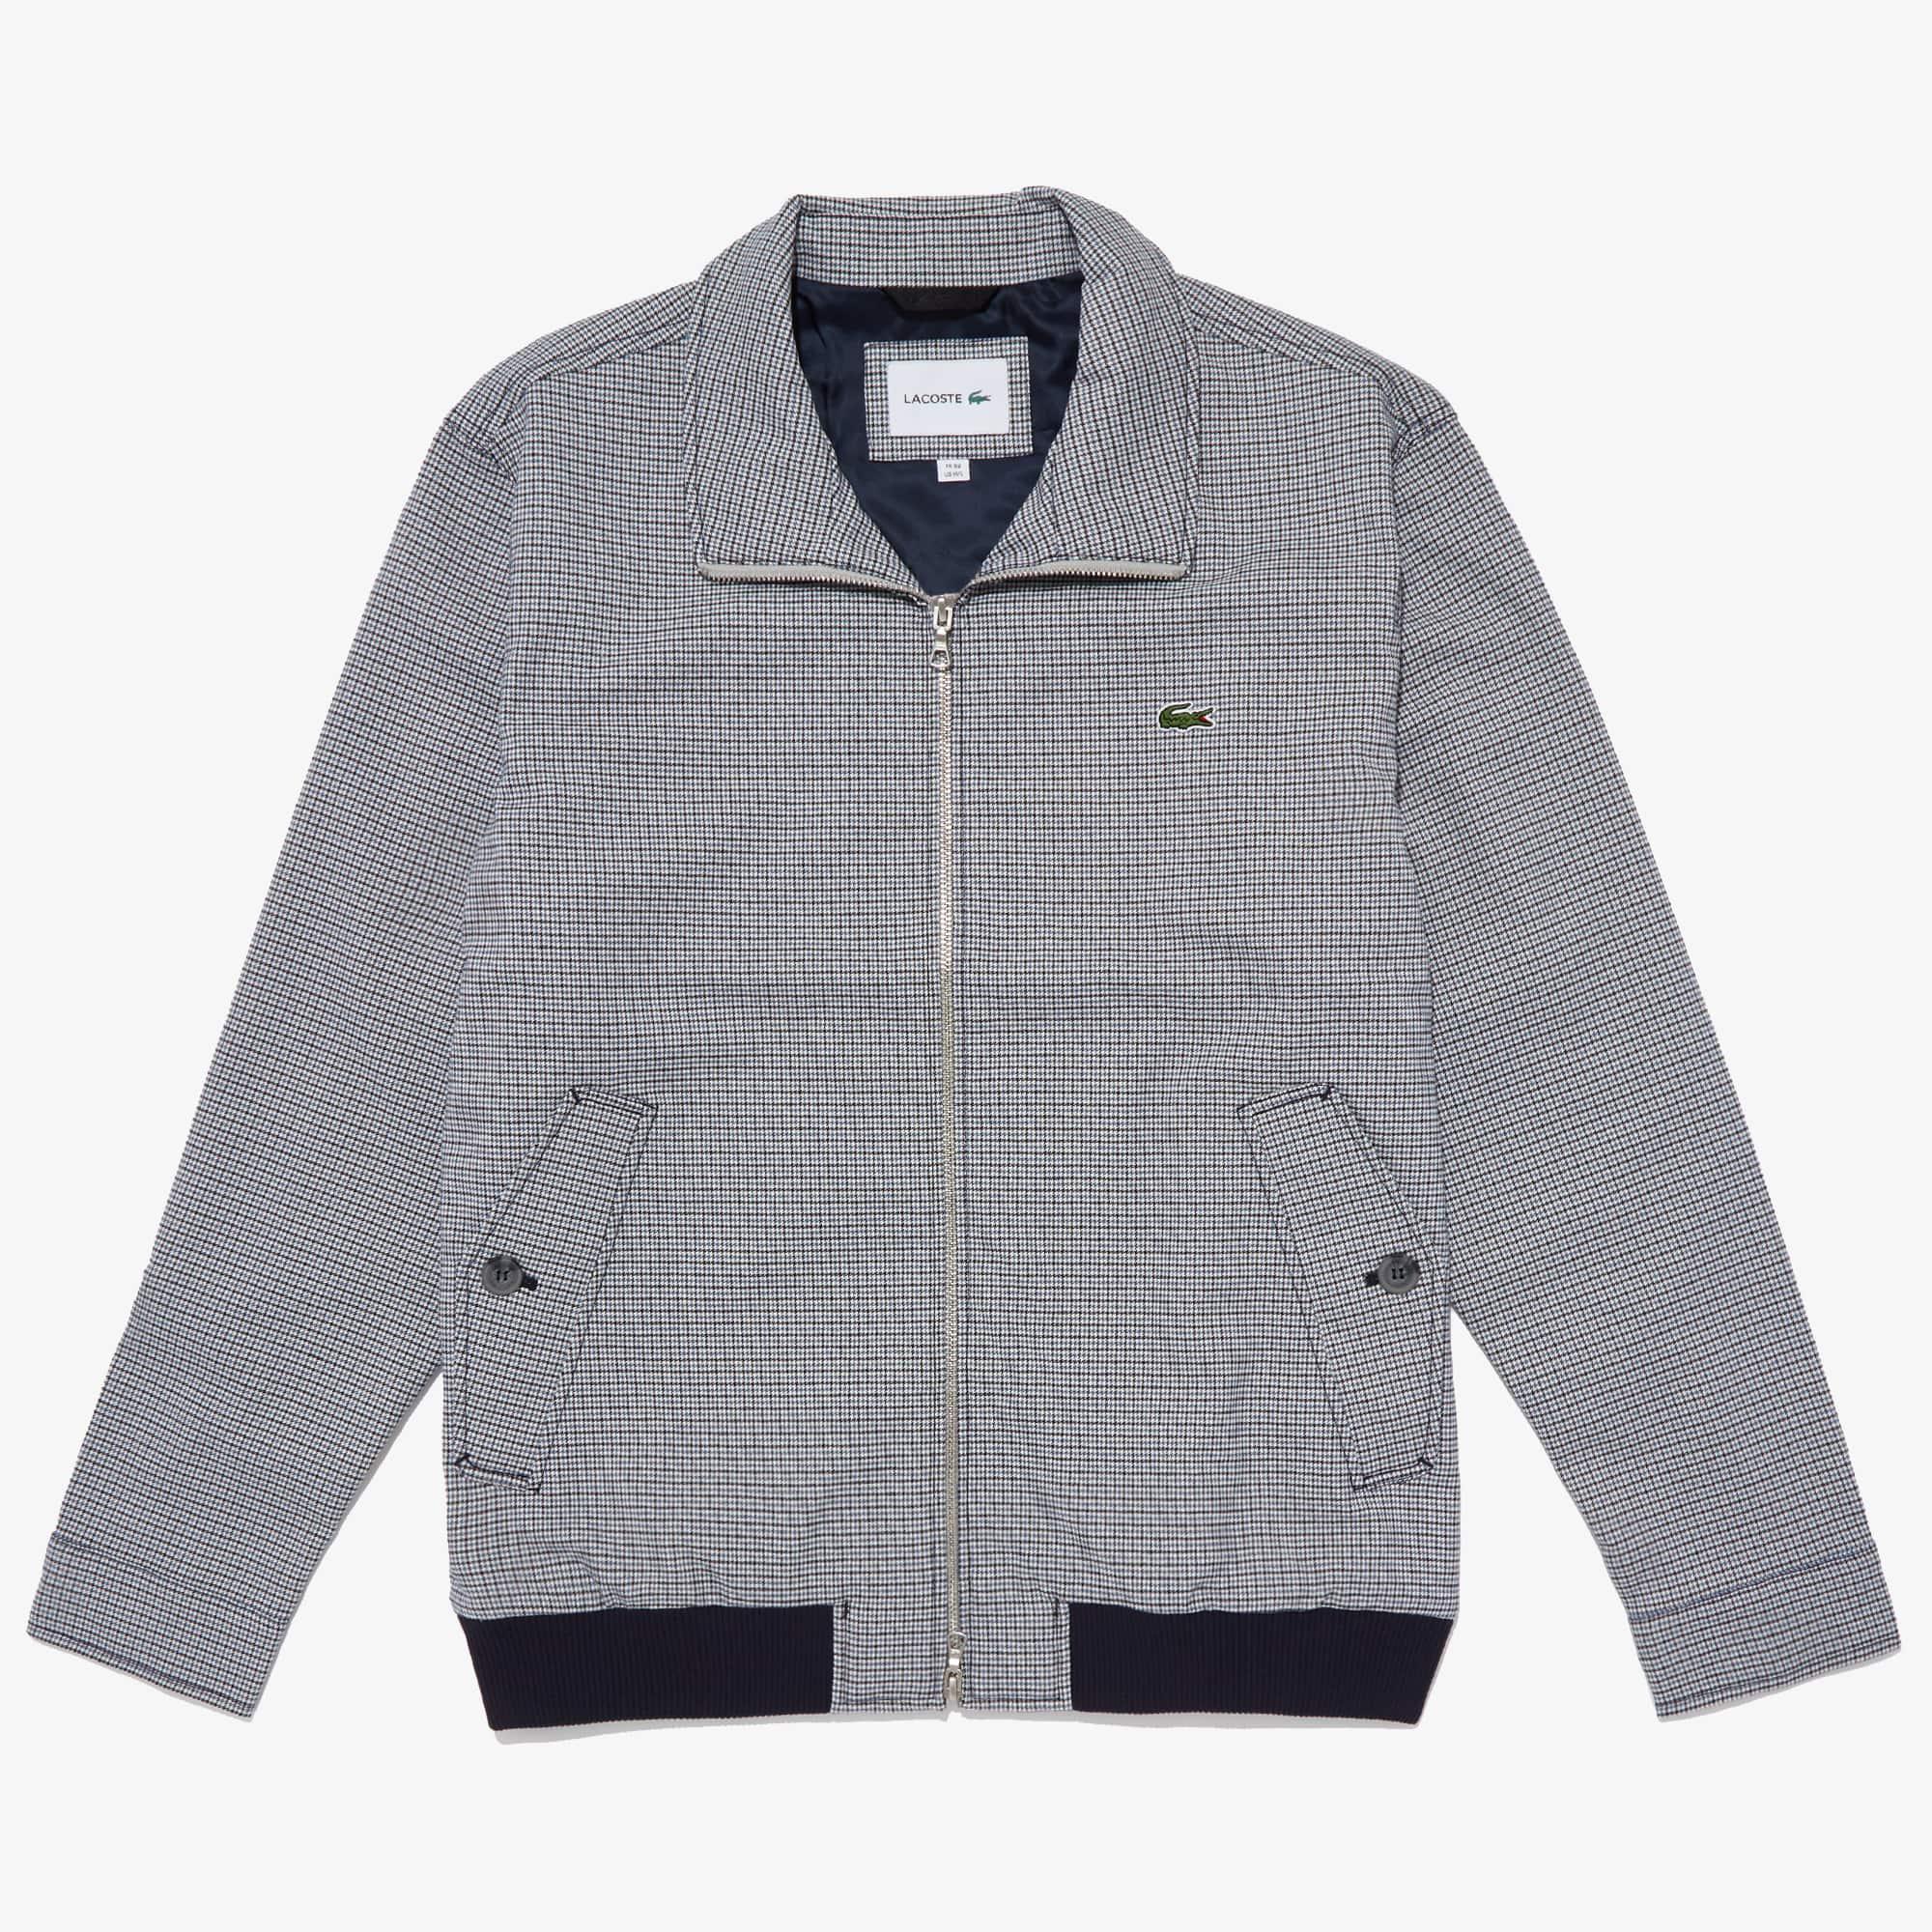 Lacoste Jackets Men's Herringbone Pattern Zip Harrington Jacket